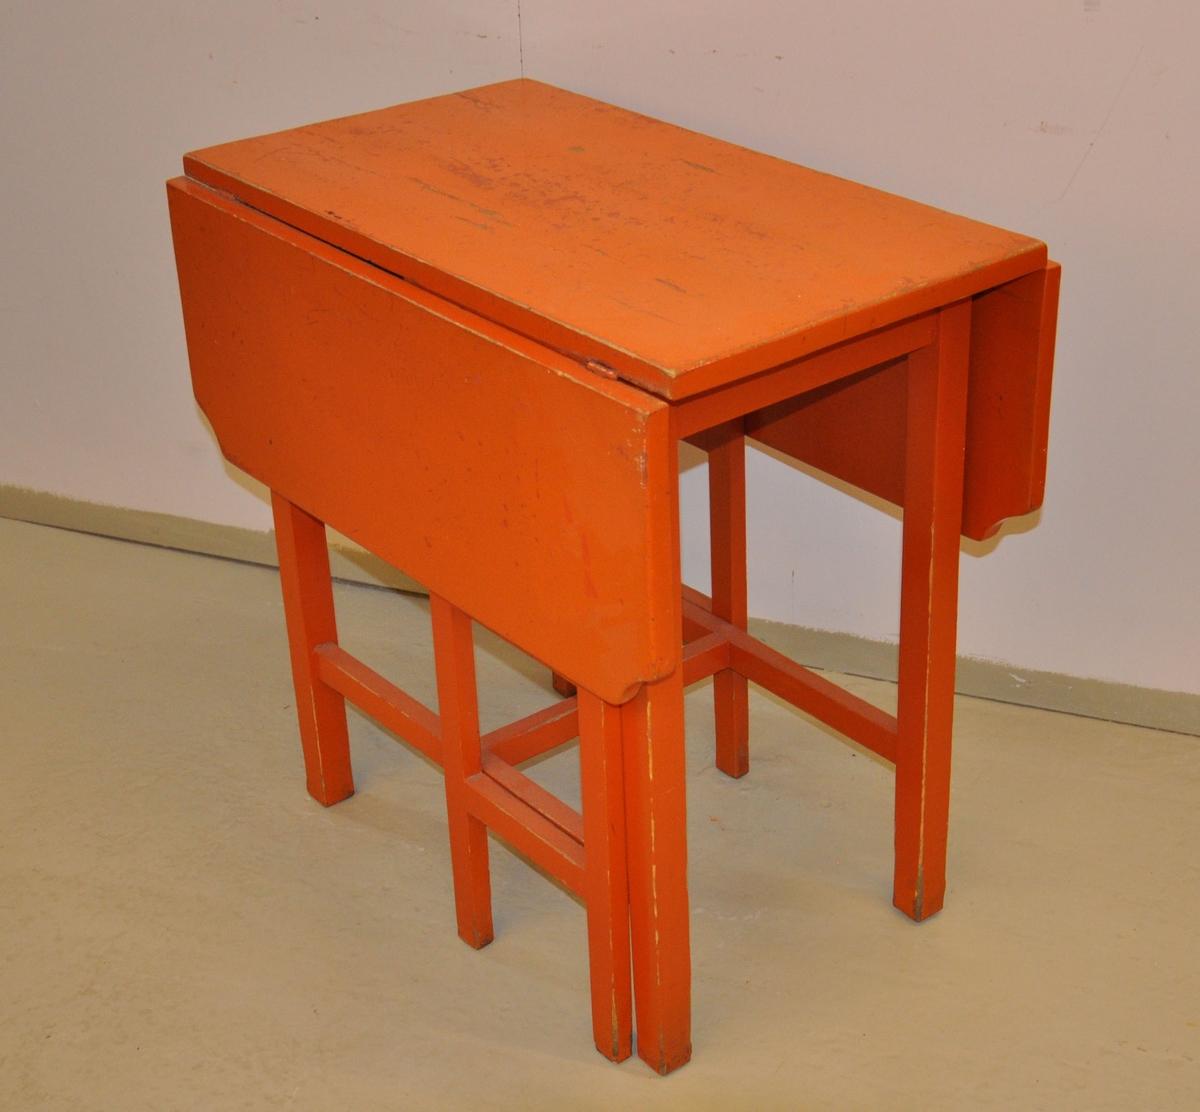 Klaffebord med opprettbare sideplater. Har to oppstandere på siden som kan brettes ut, slik at sideliggende plater kan stå oppreist. Oppstanderne har blåmalte, gjennombrutte plater med ovale / dropeformåde hull.